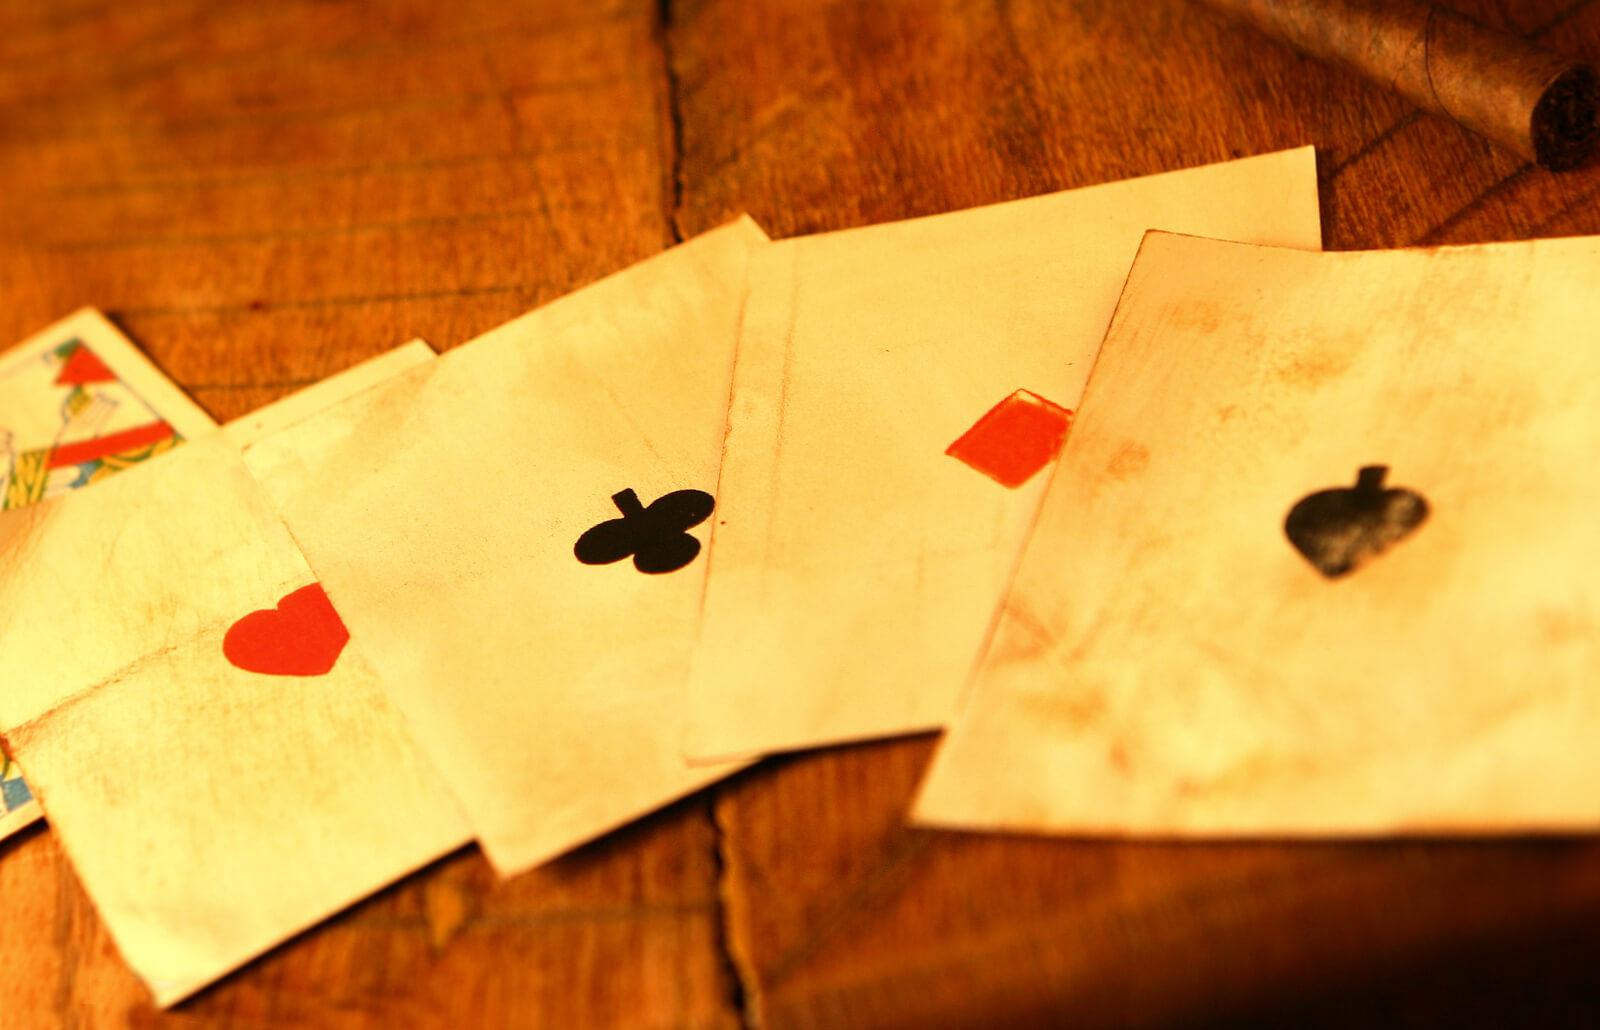 Vintage jumbo playing cards pin up girls.